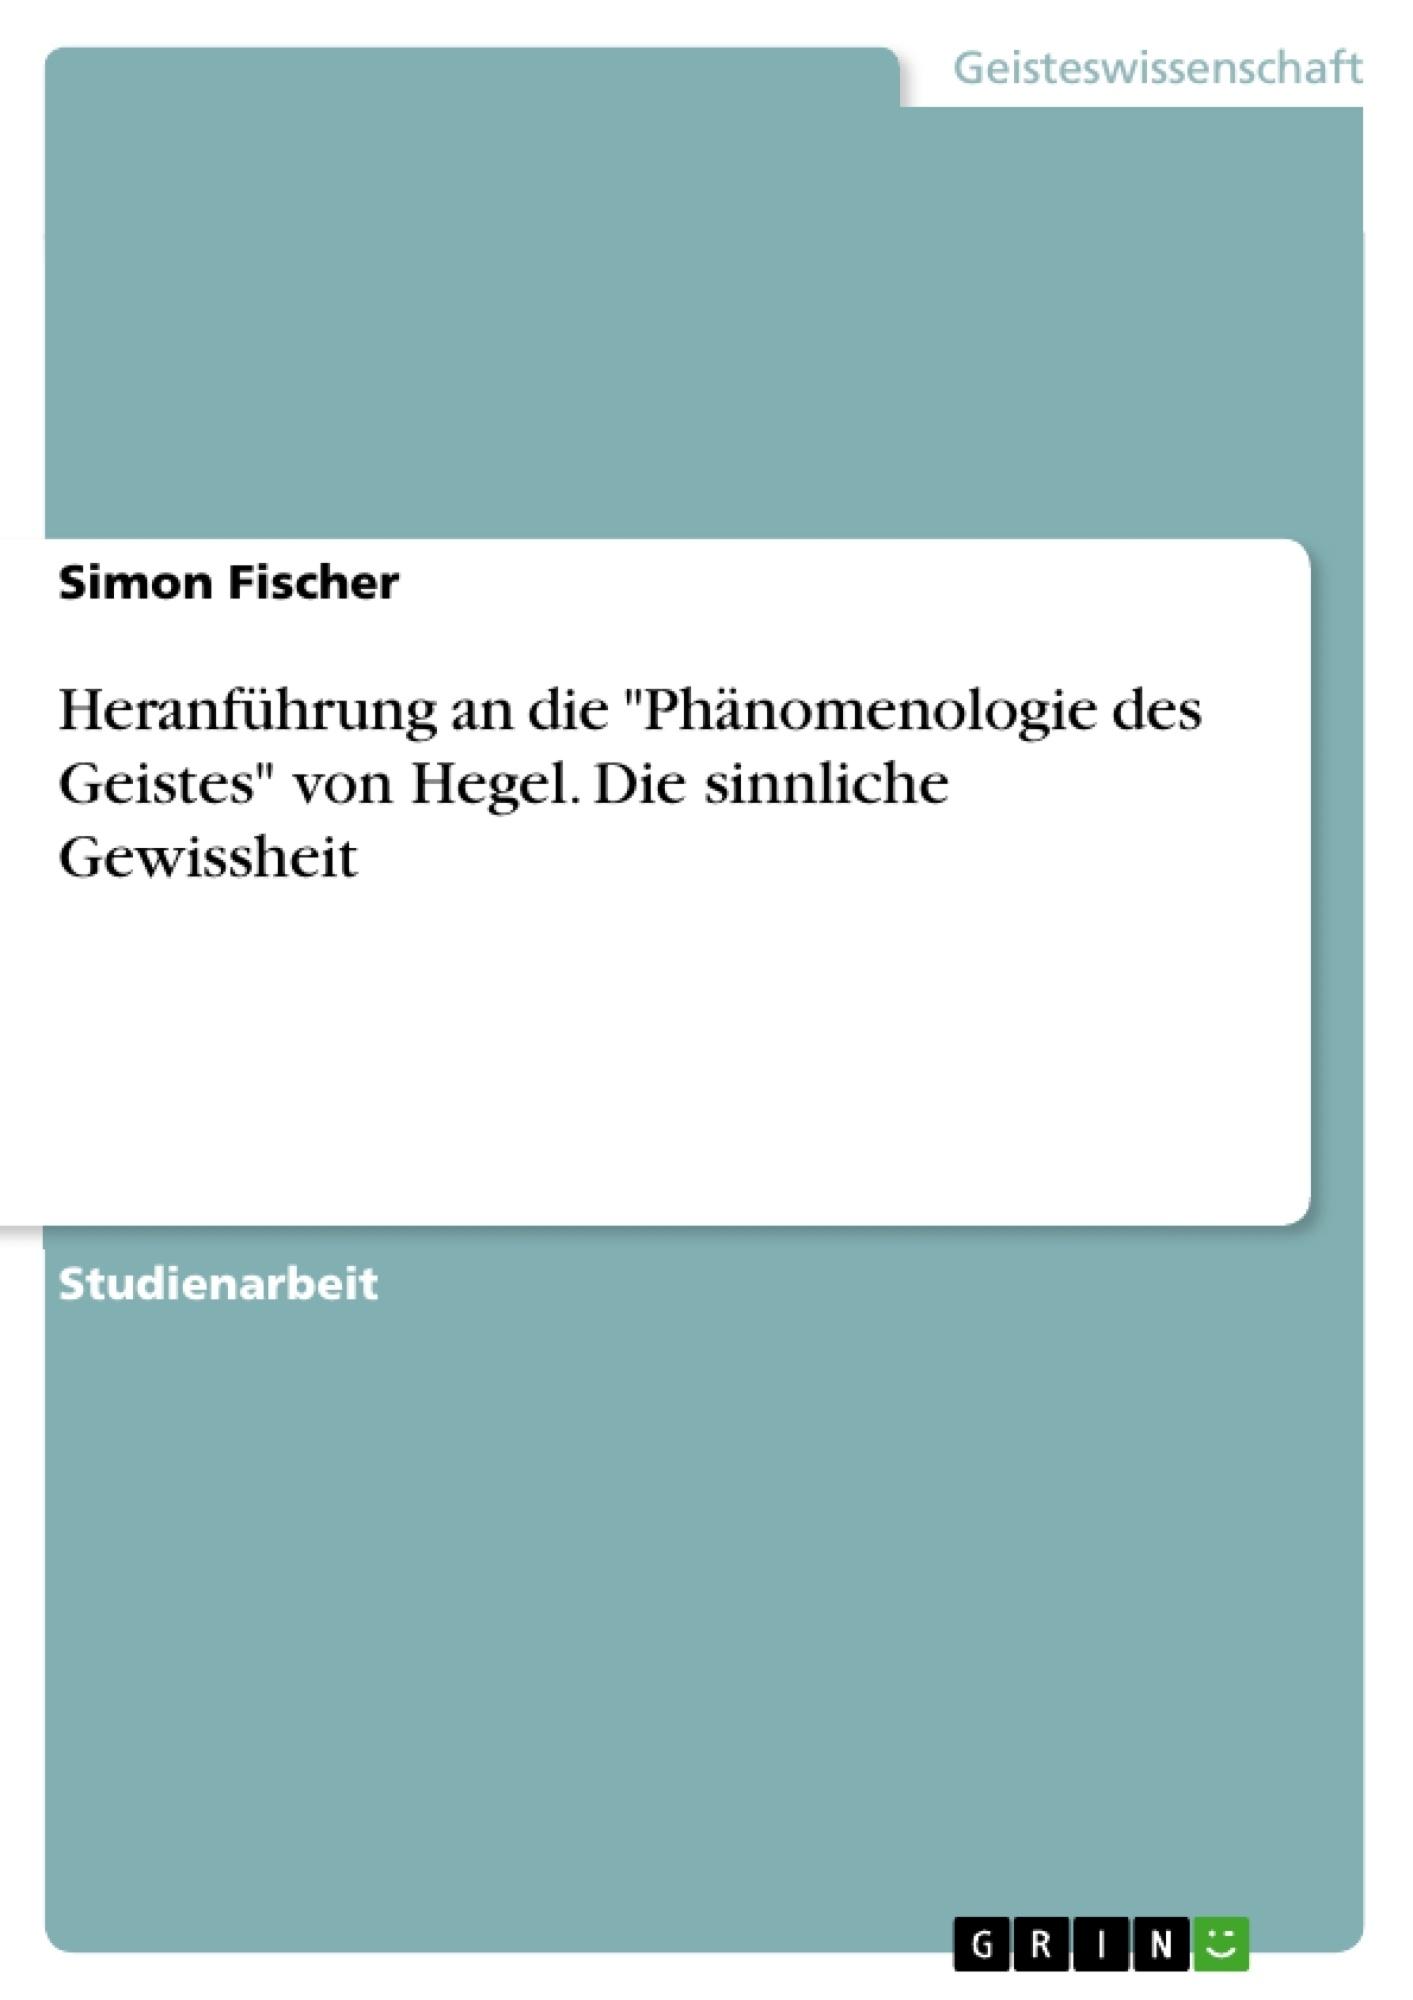 """Titel: Heranführung an die """"Phänomenologie des Geistes"""" von Hegel. Die sinnliche Gewissheit"""